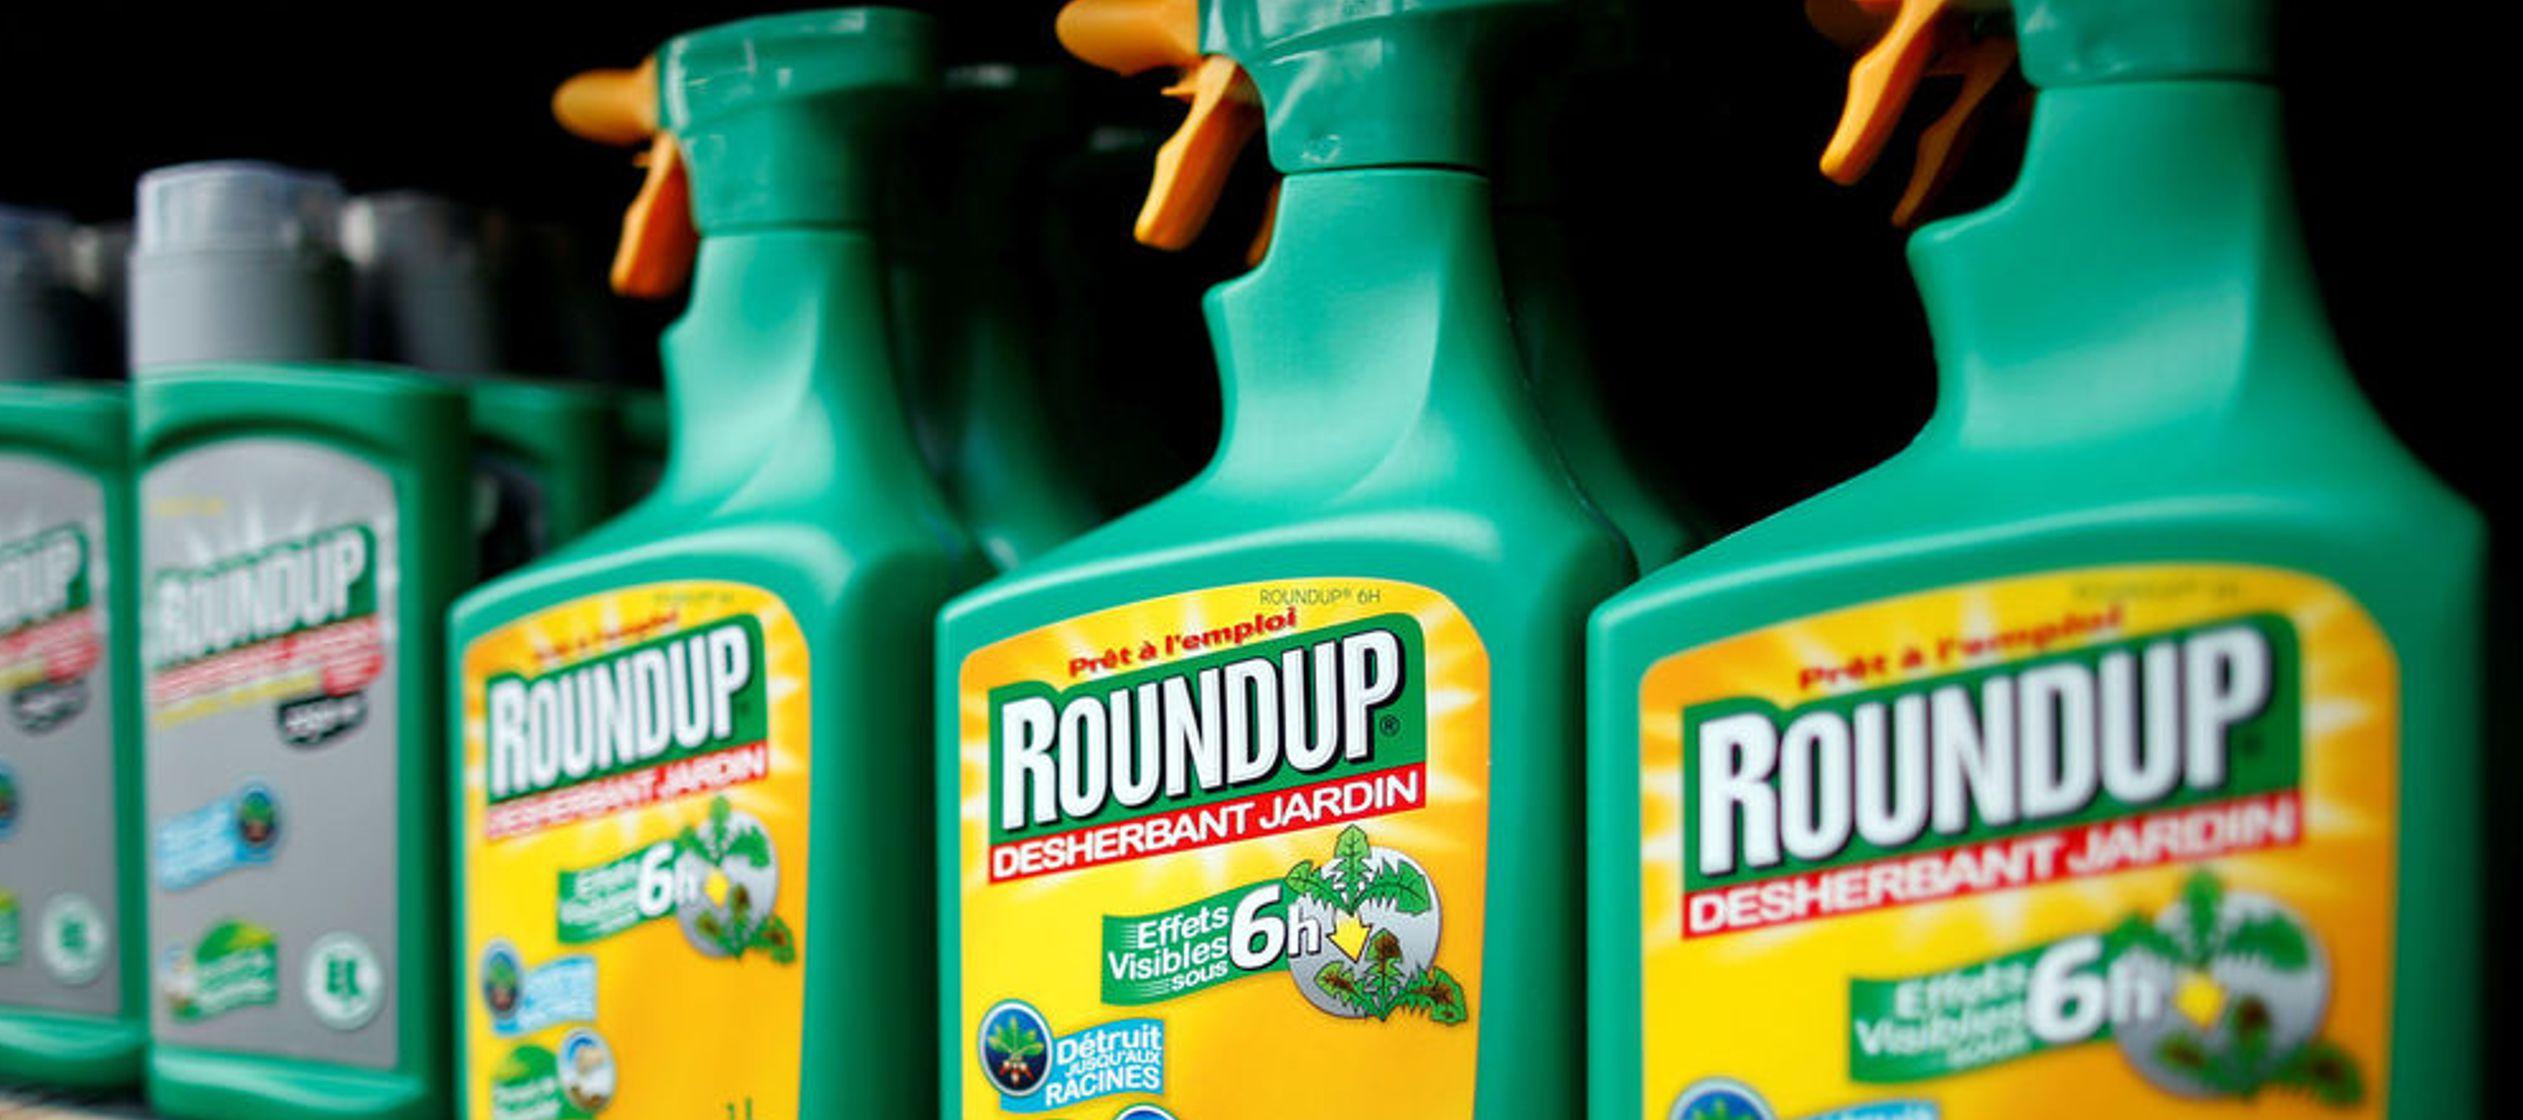 El hombre en cuestión, Dewayne Johnson, sostiene que utilizó el herbicida Roundup de...